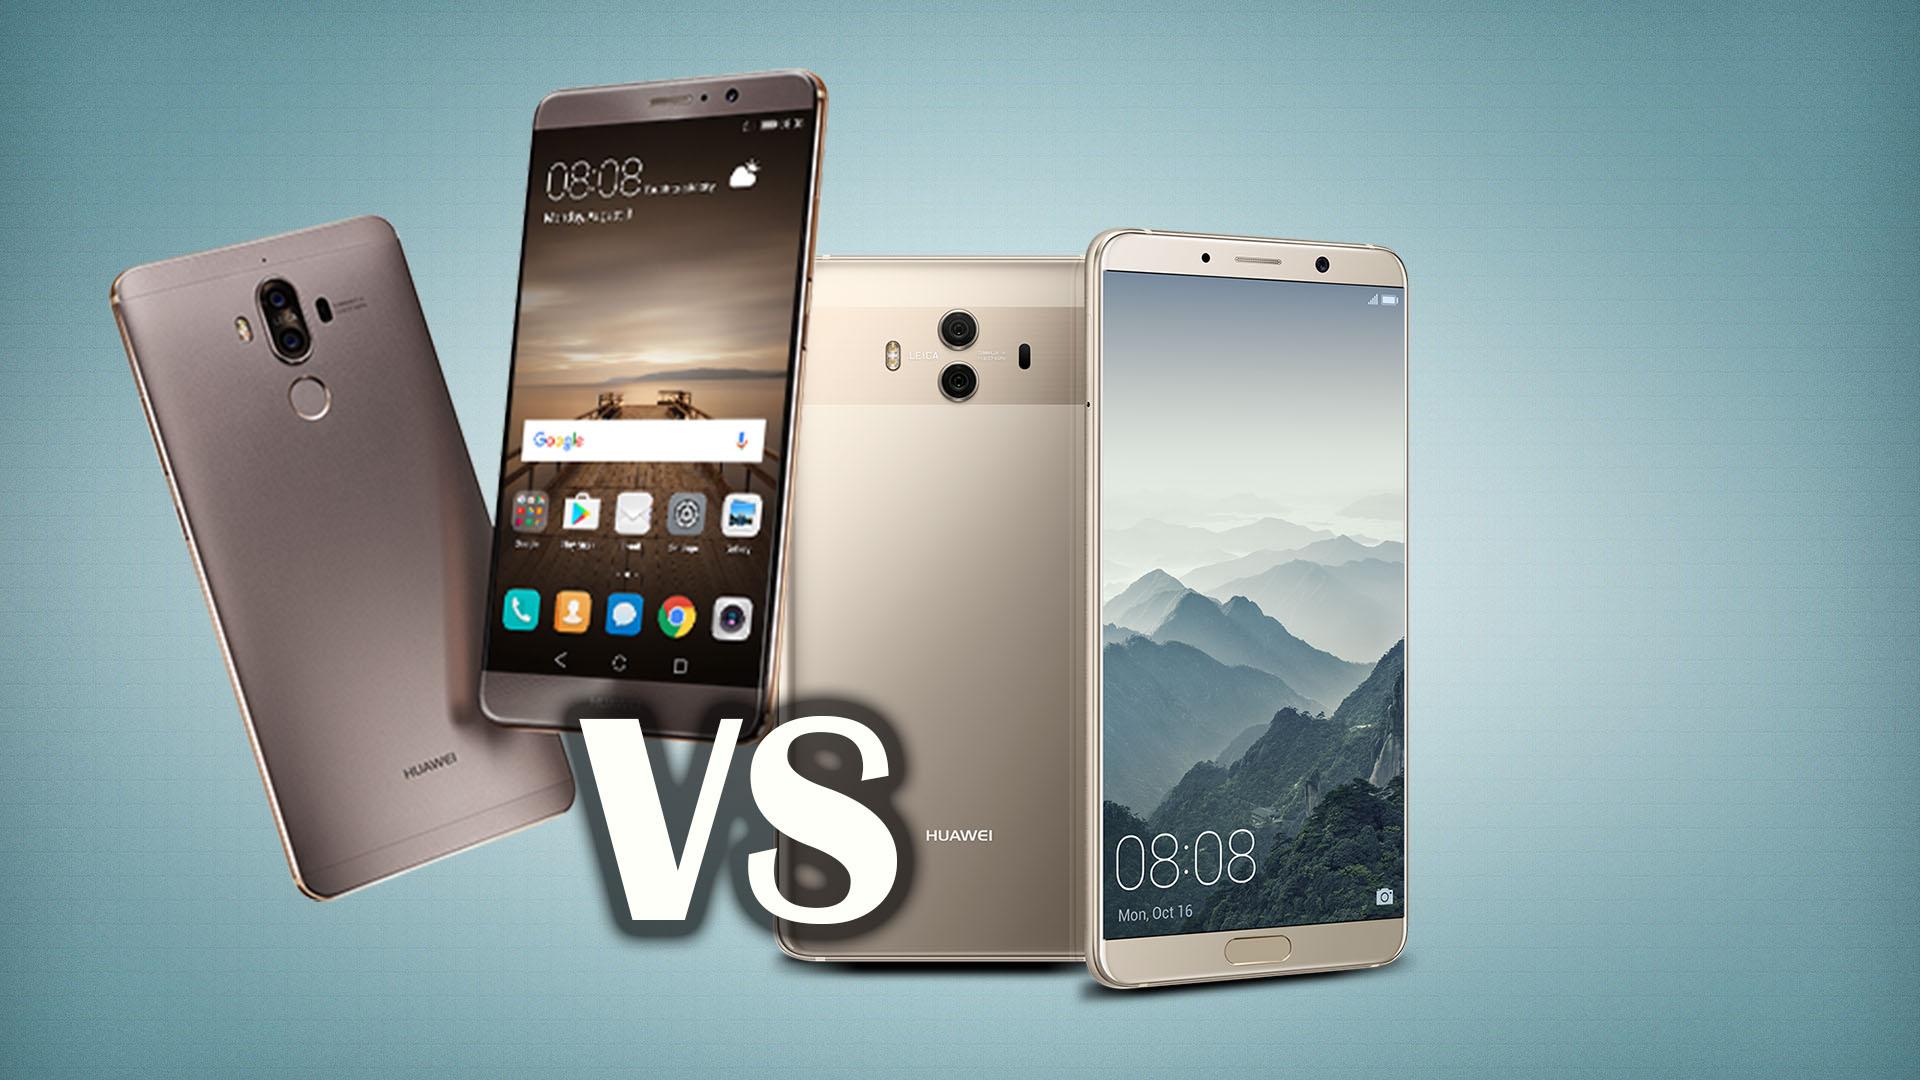 Huawei Mate 9 Huawei mate 10